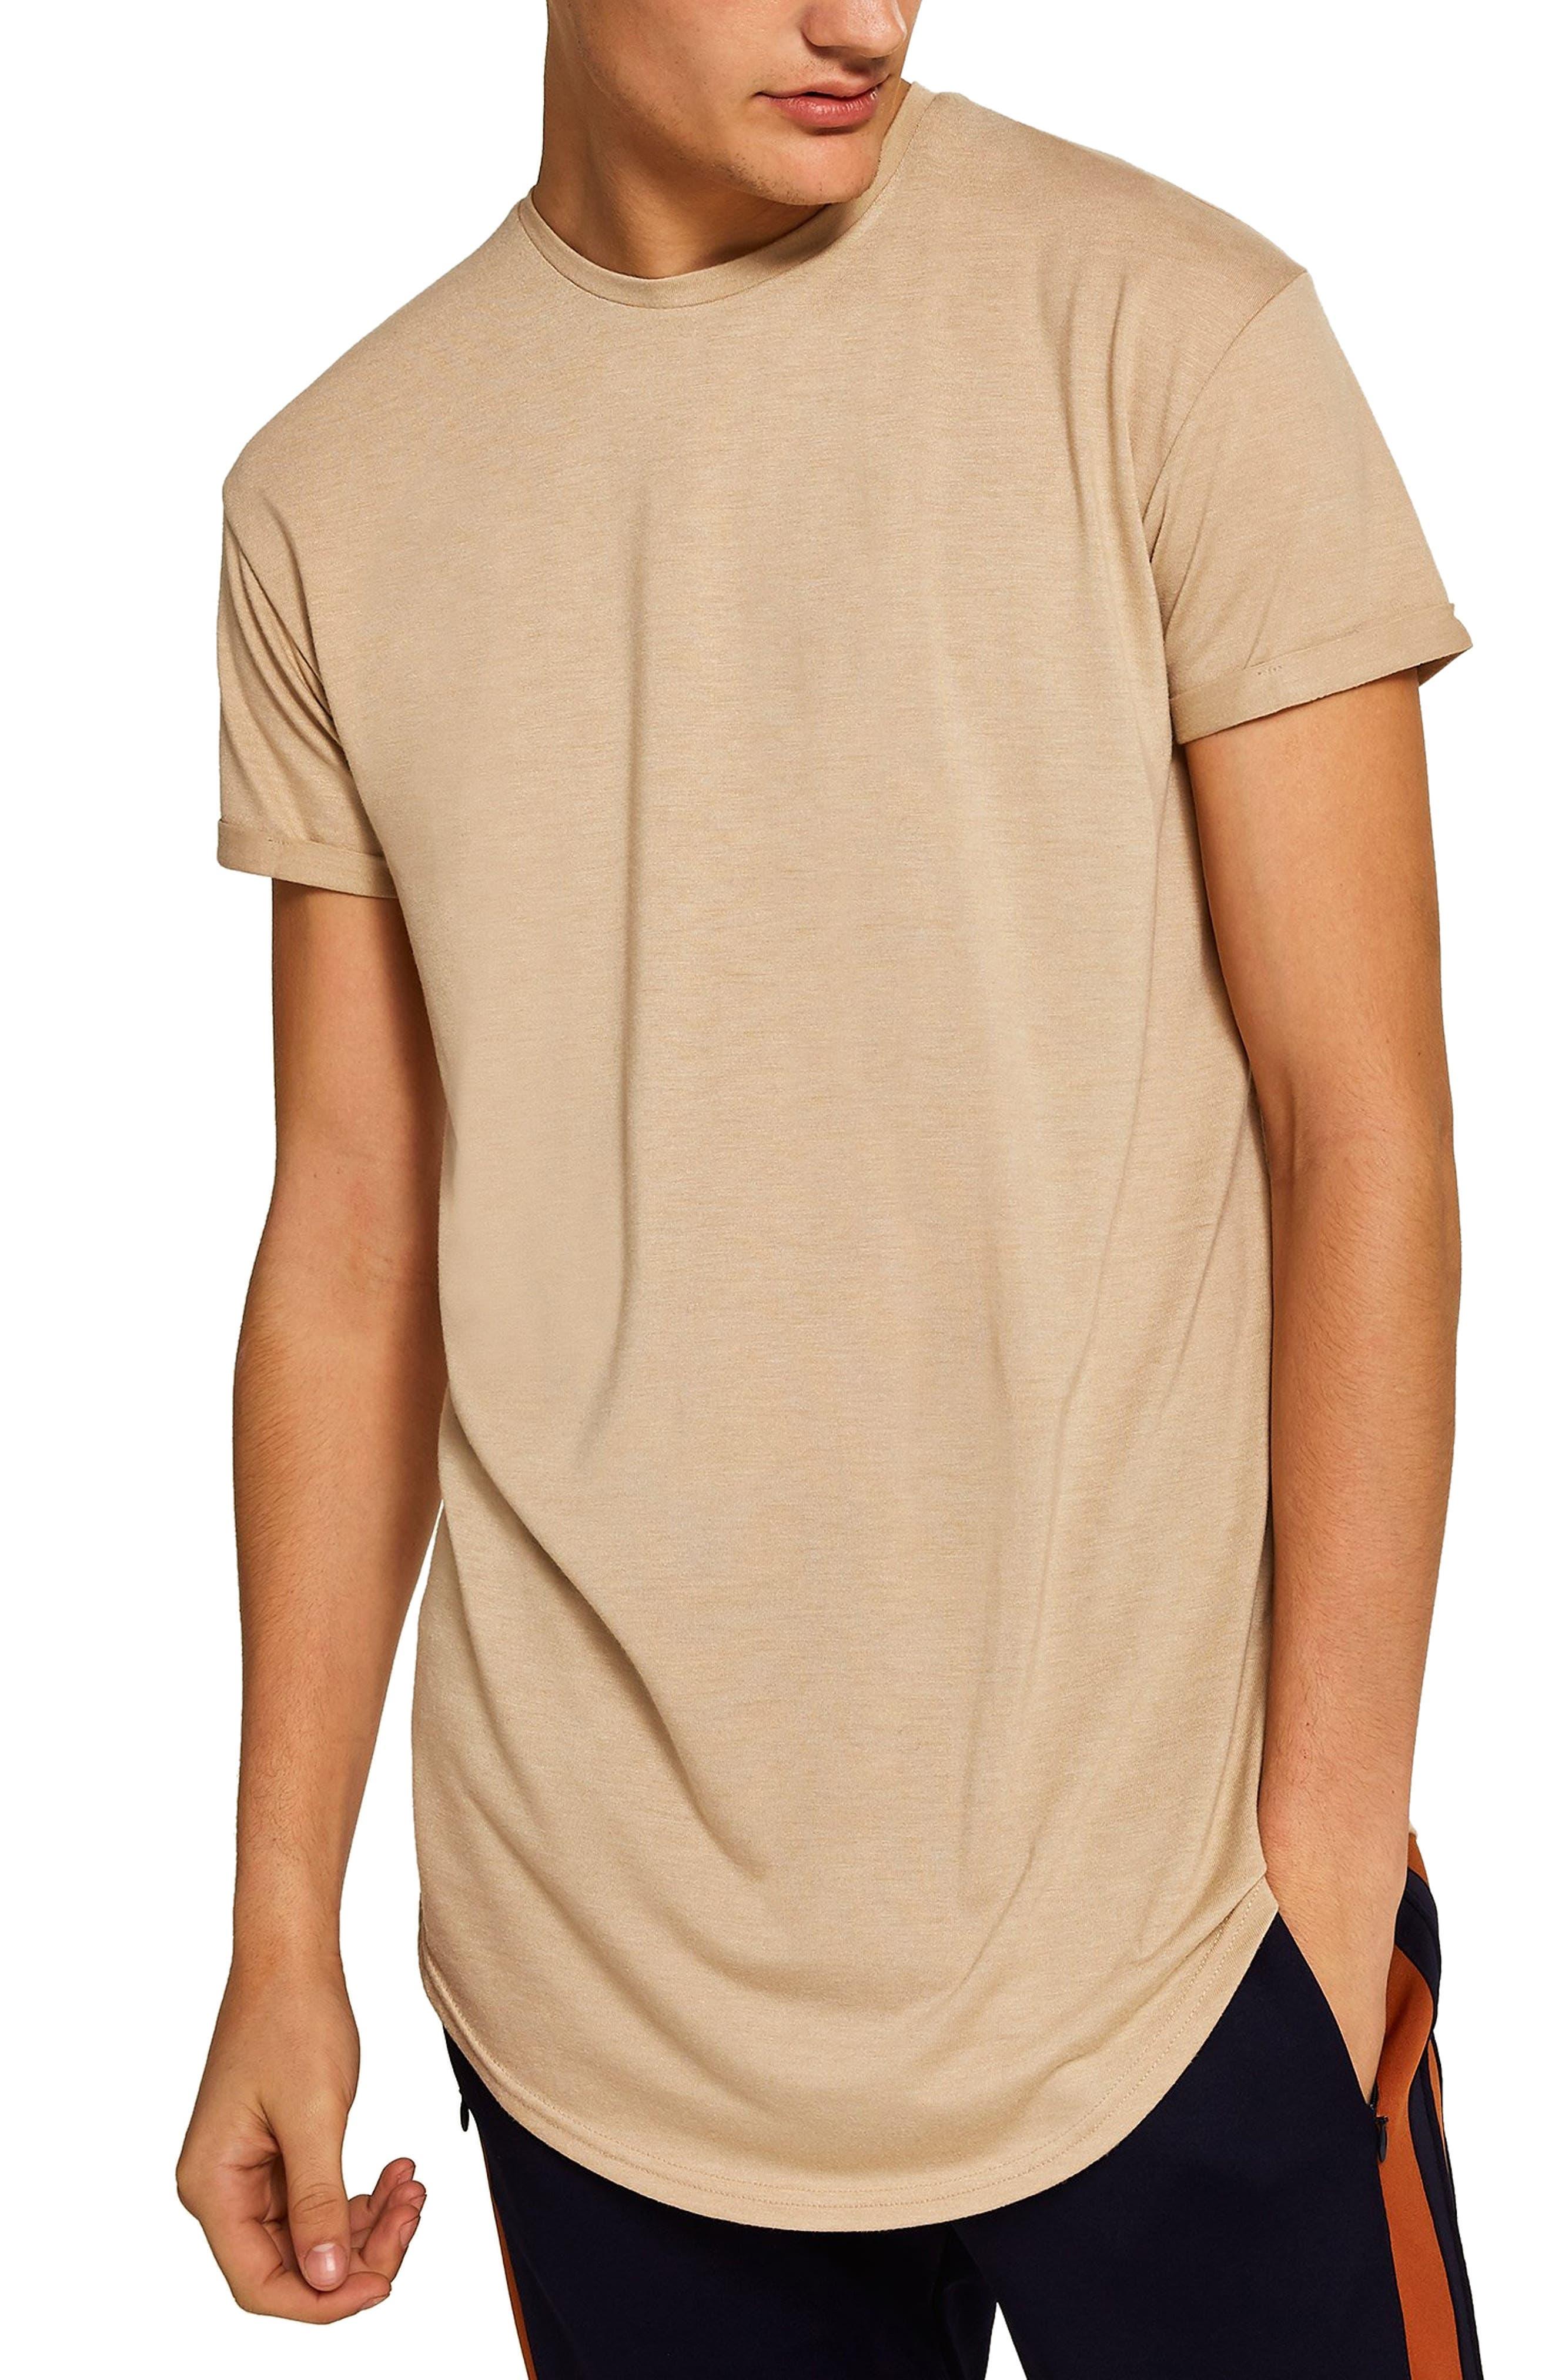 TOPMAN, Scotty Longline T-Shirt, Main thumbnail 1, color, STONE